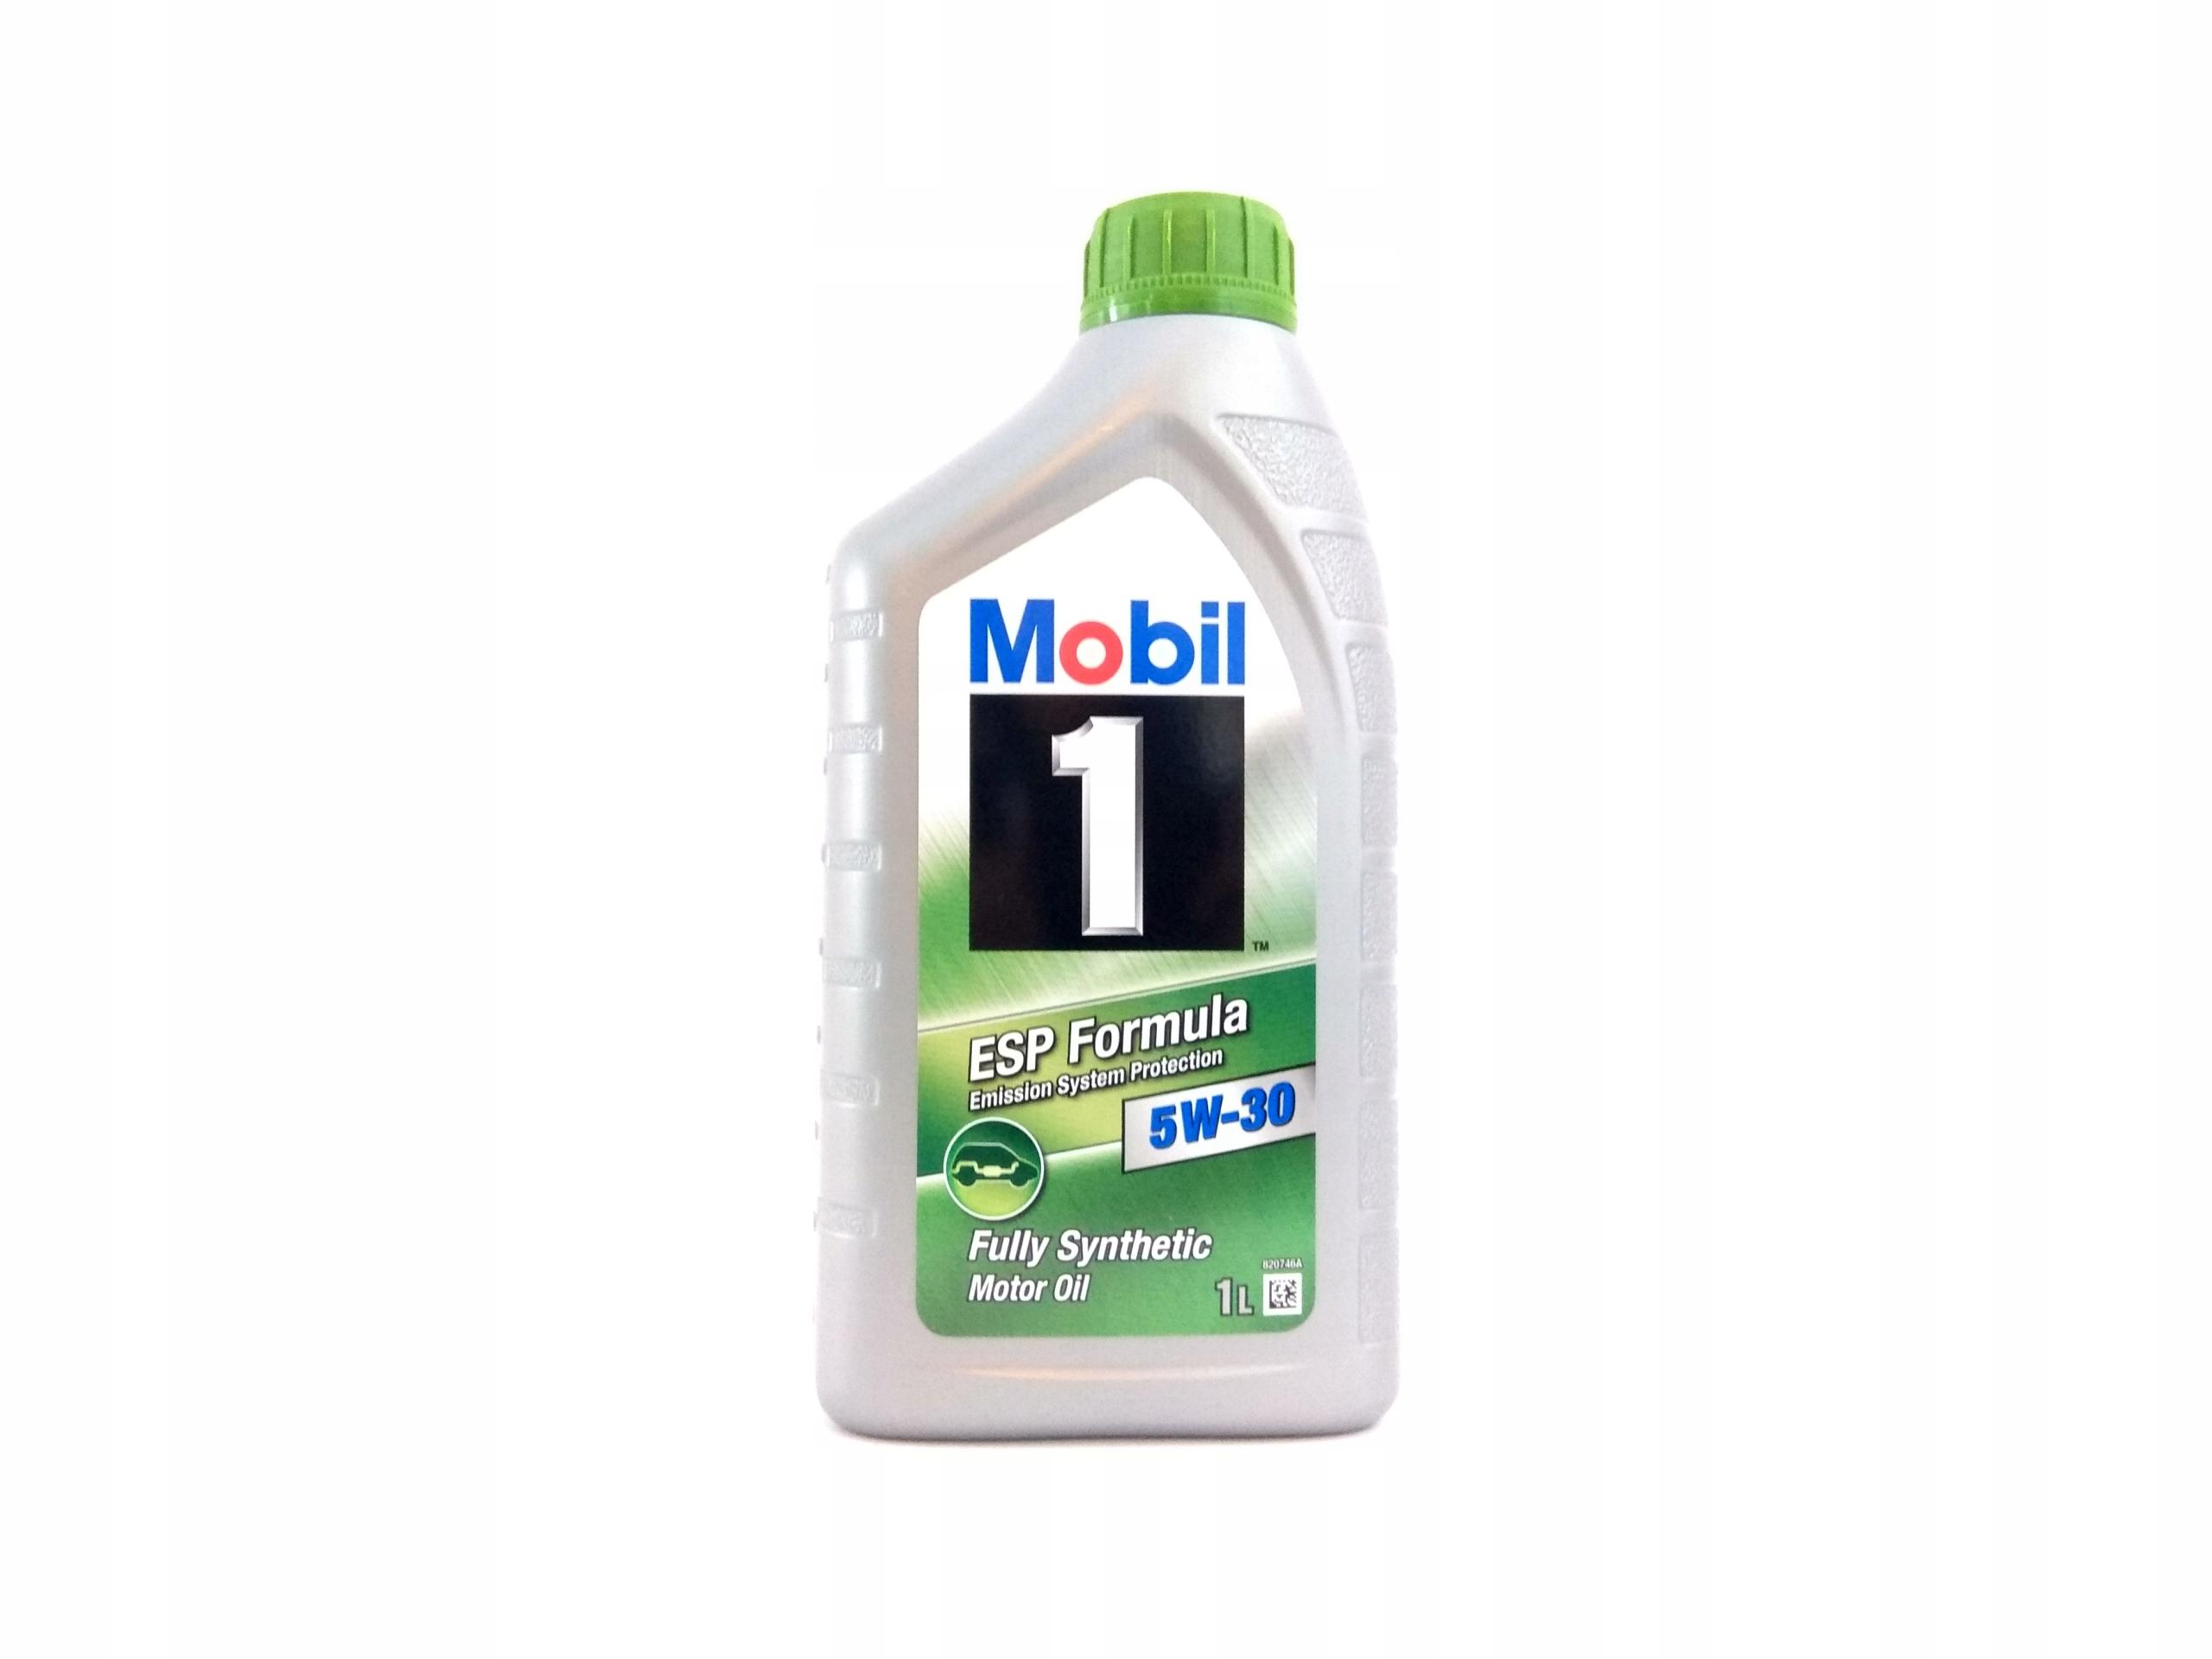 Mobil 1 ESP Formula